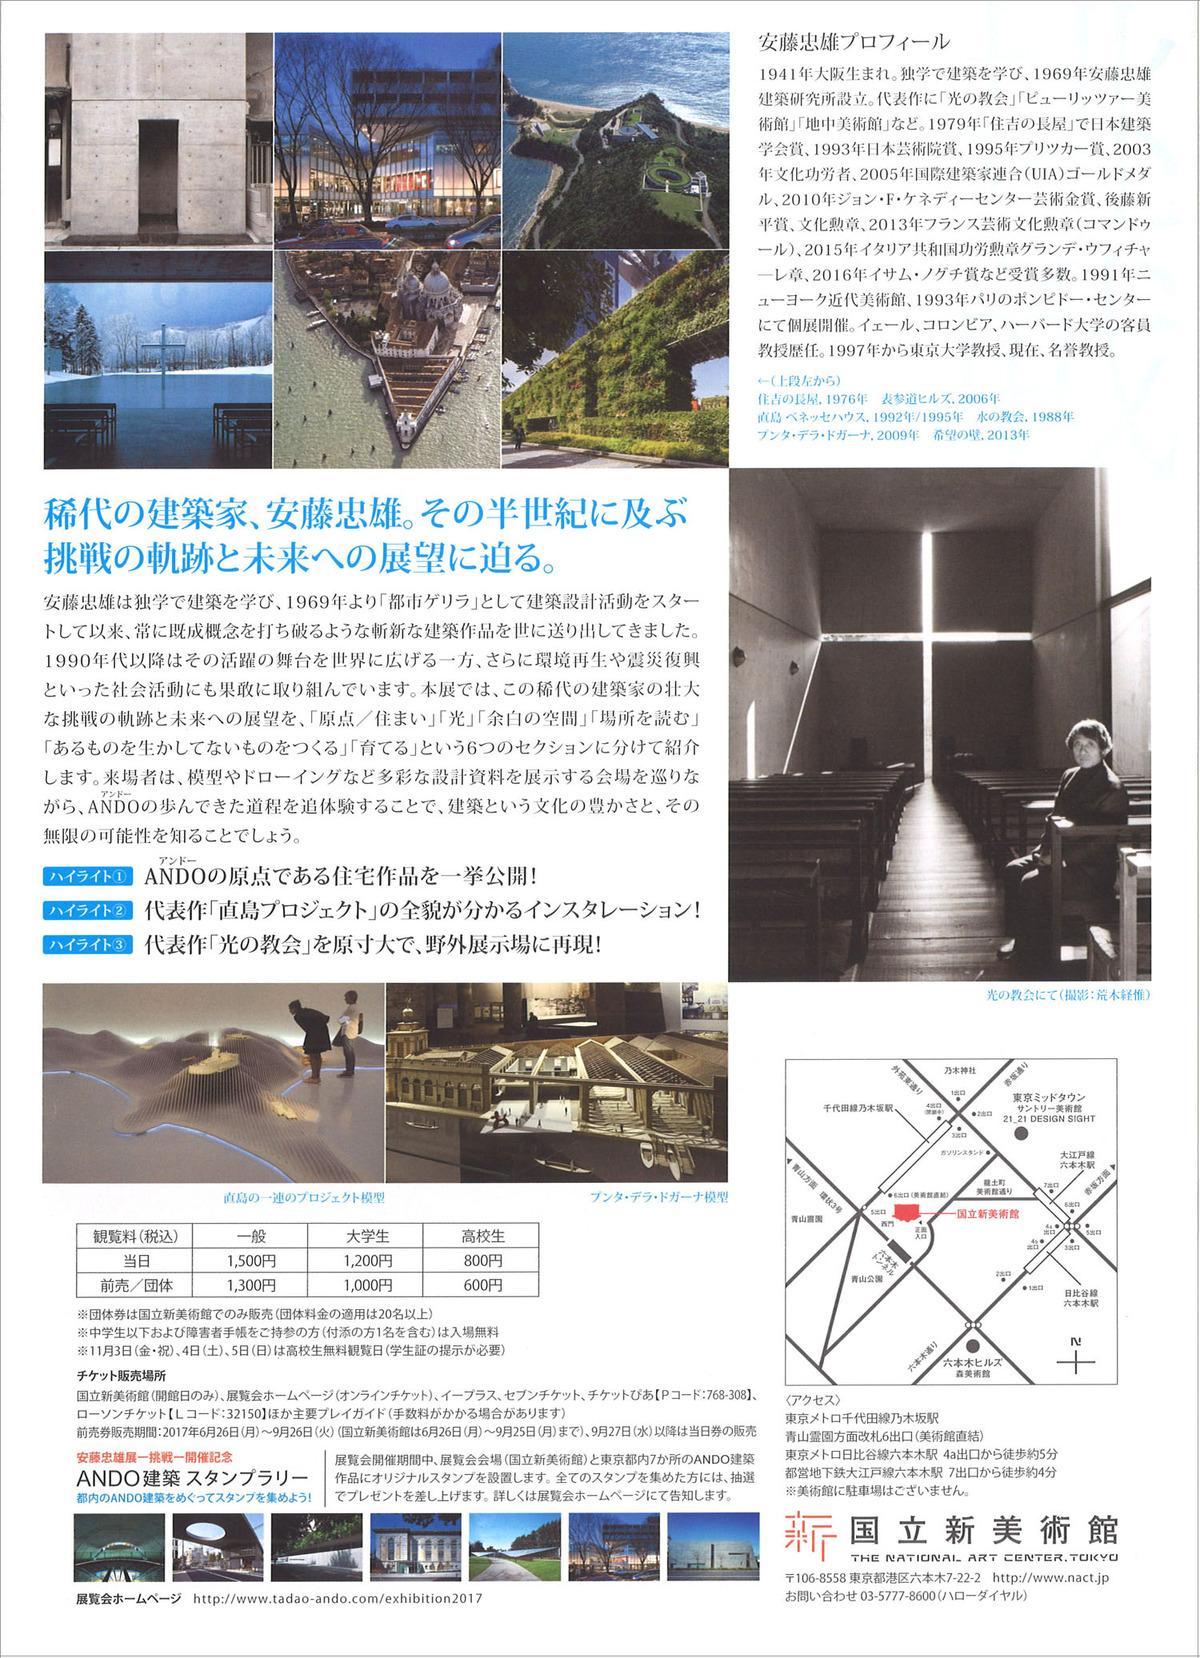 20171004_安藤忠雄展_裏